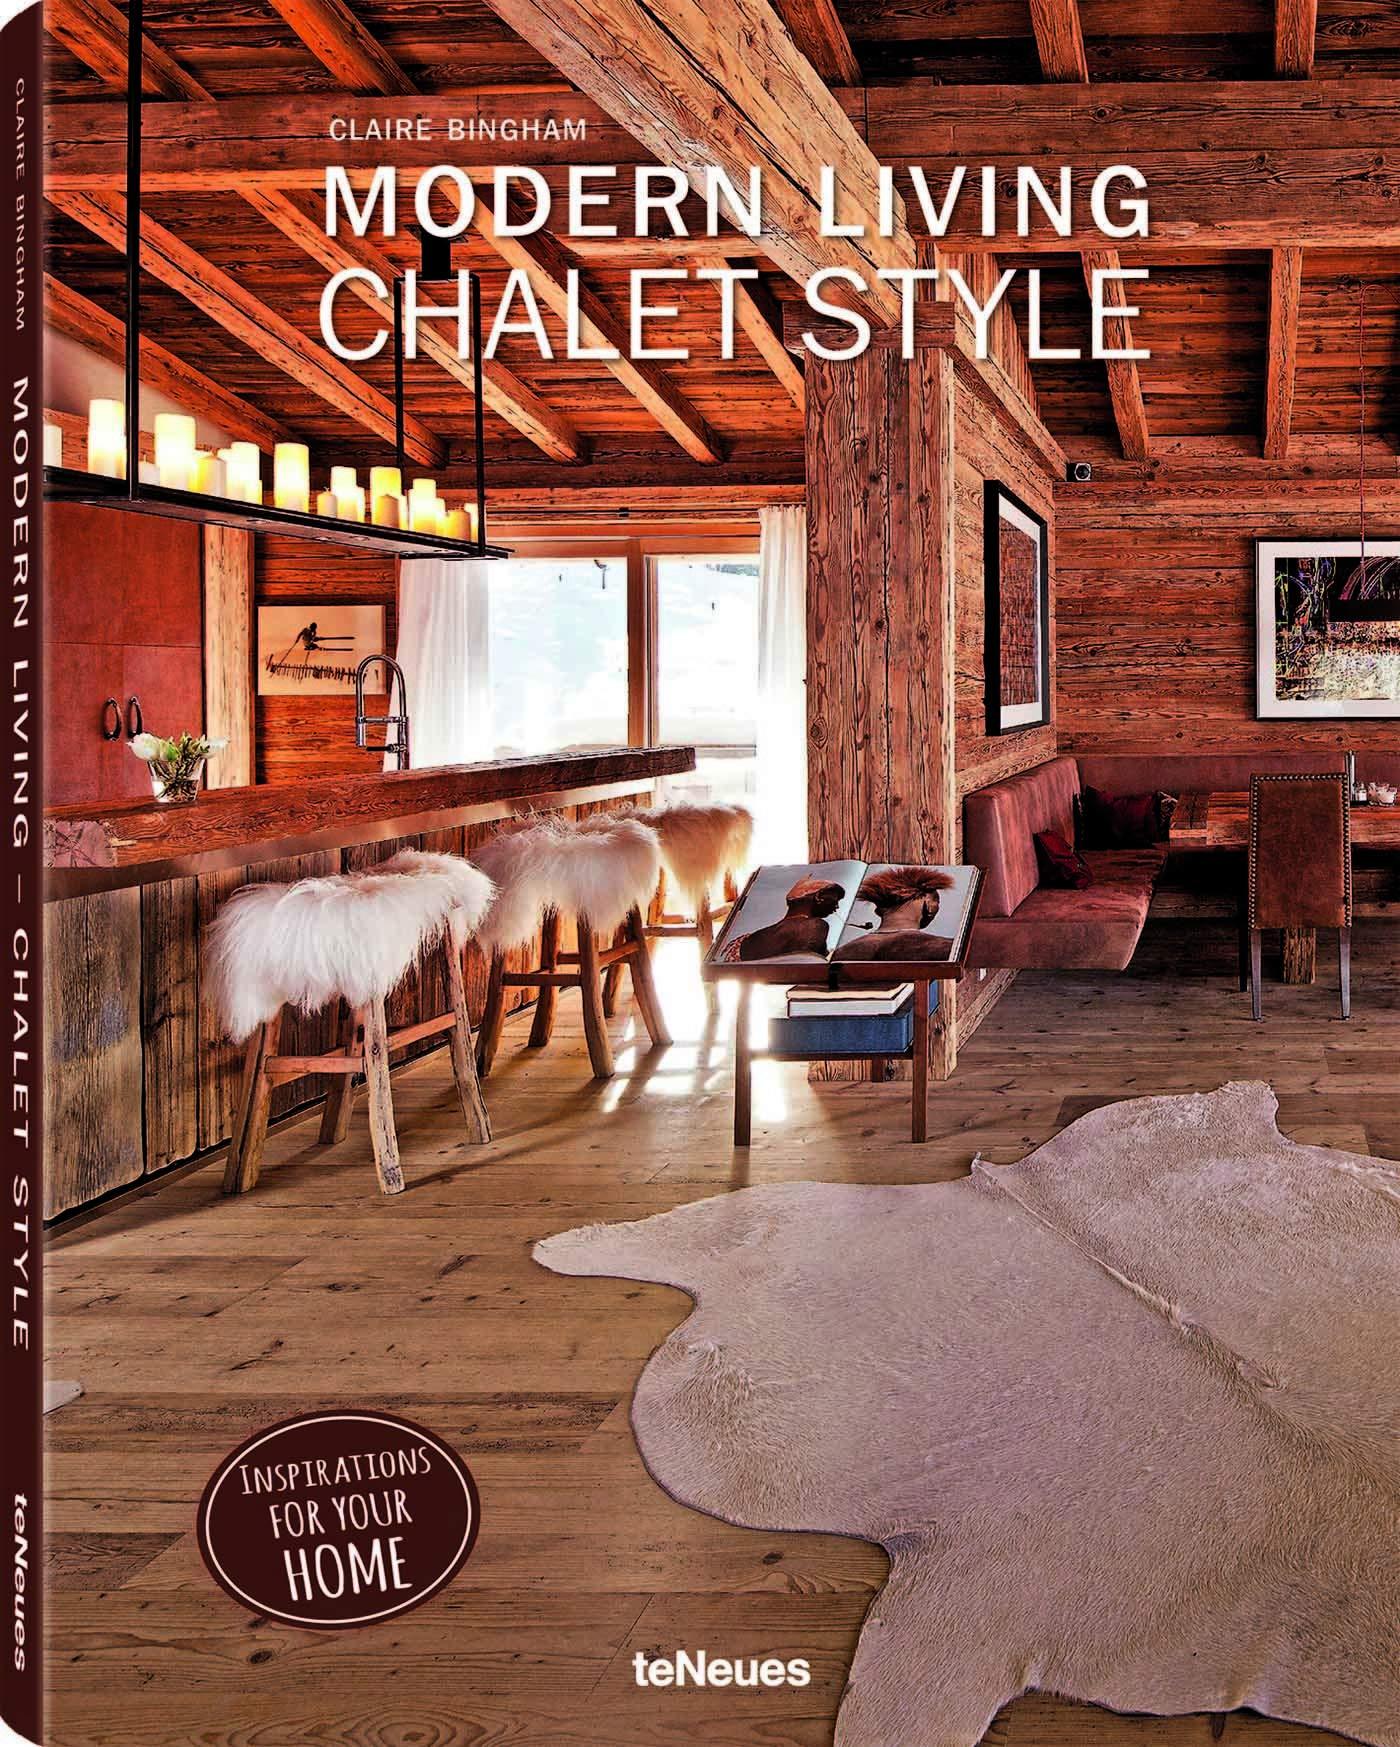 Modern Living Chalet Style: Amazon.de: Claire Bingham ...